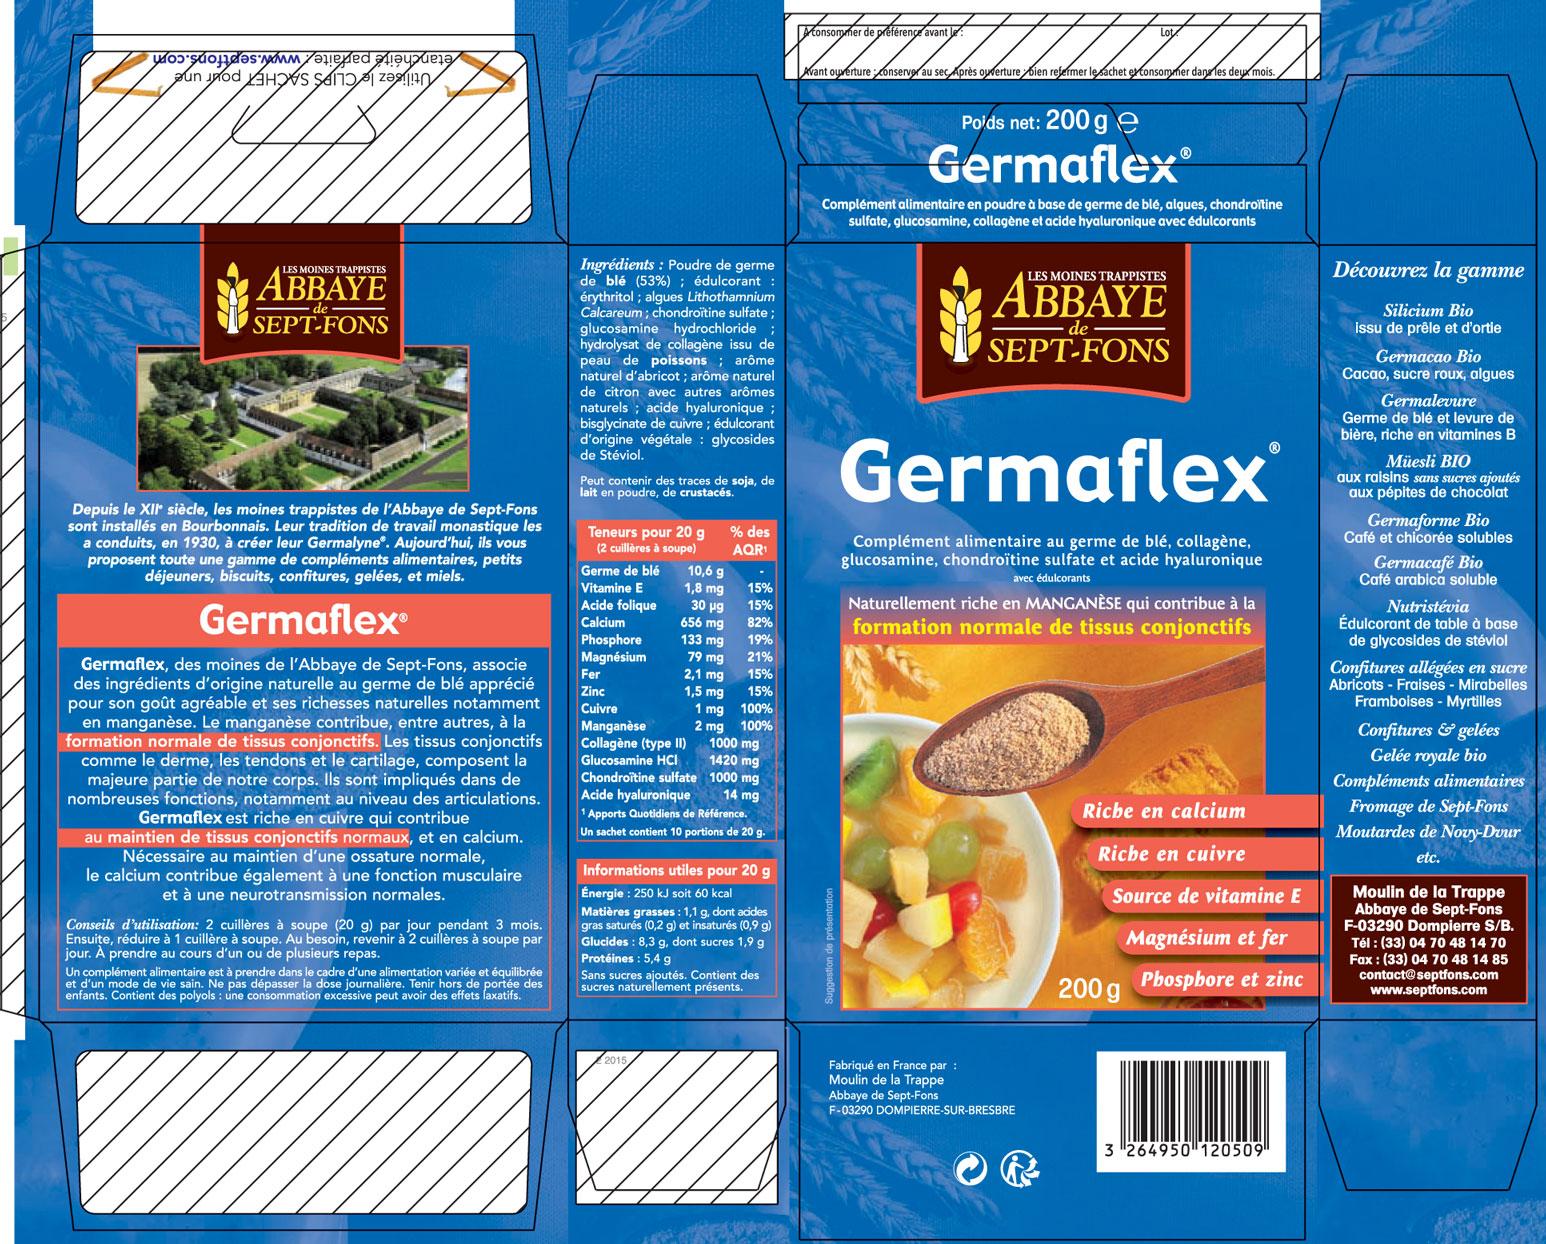 GERMAFLEX en DIRECT